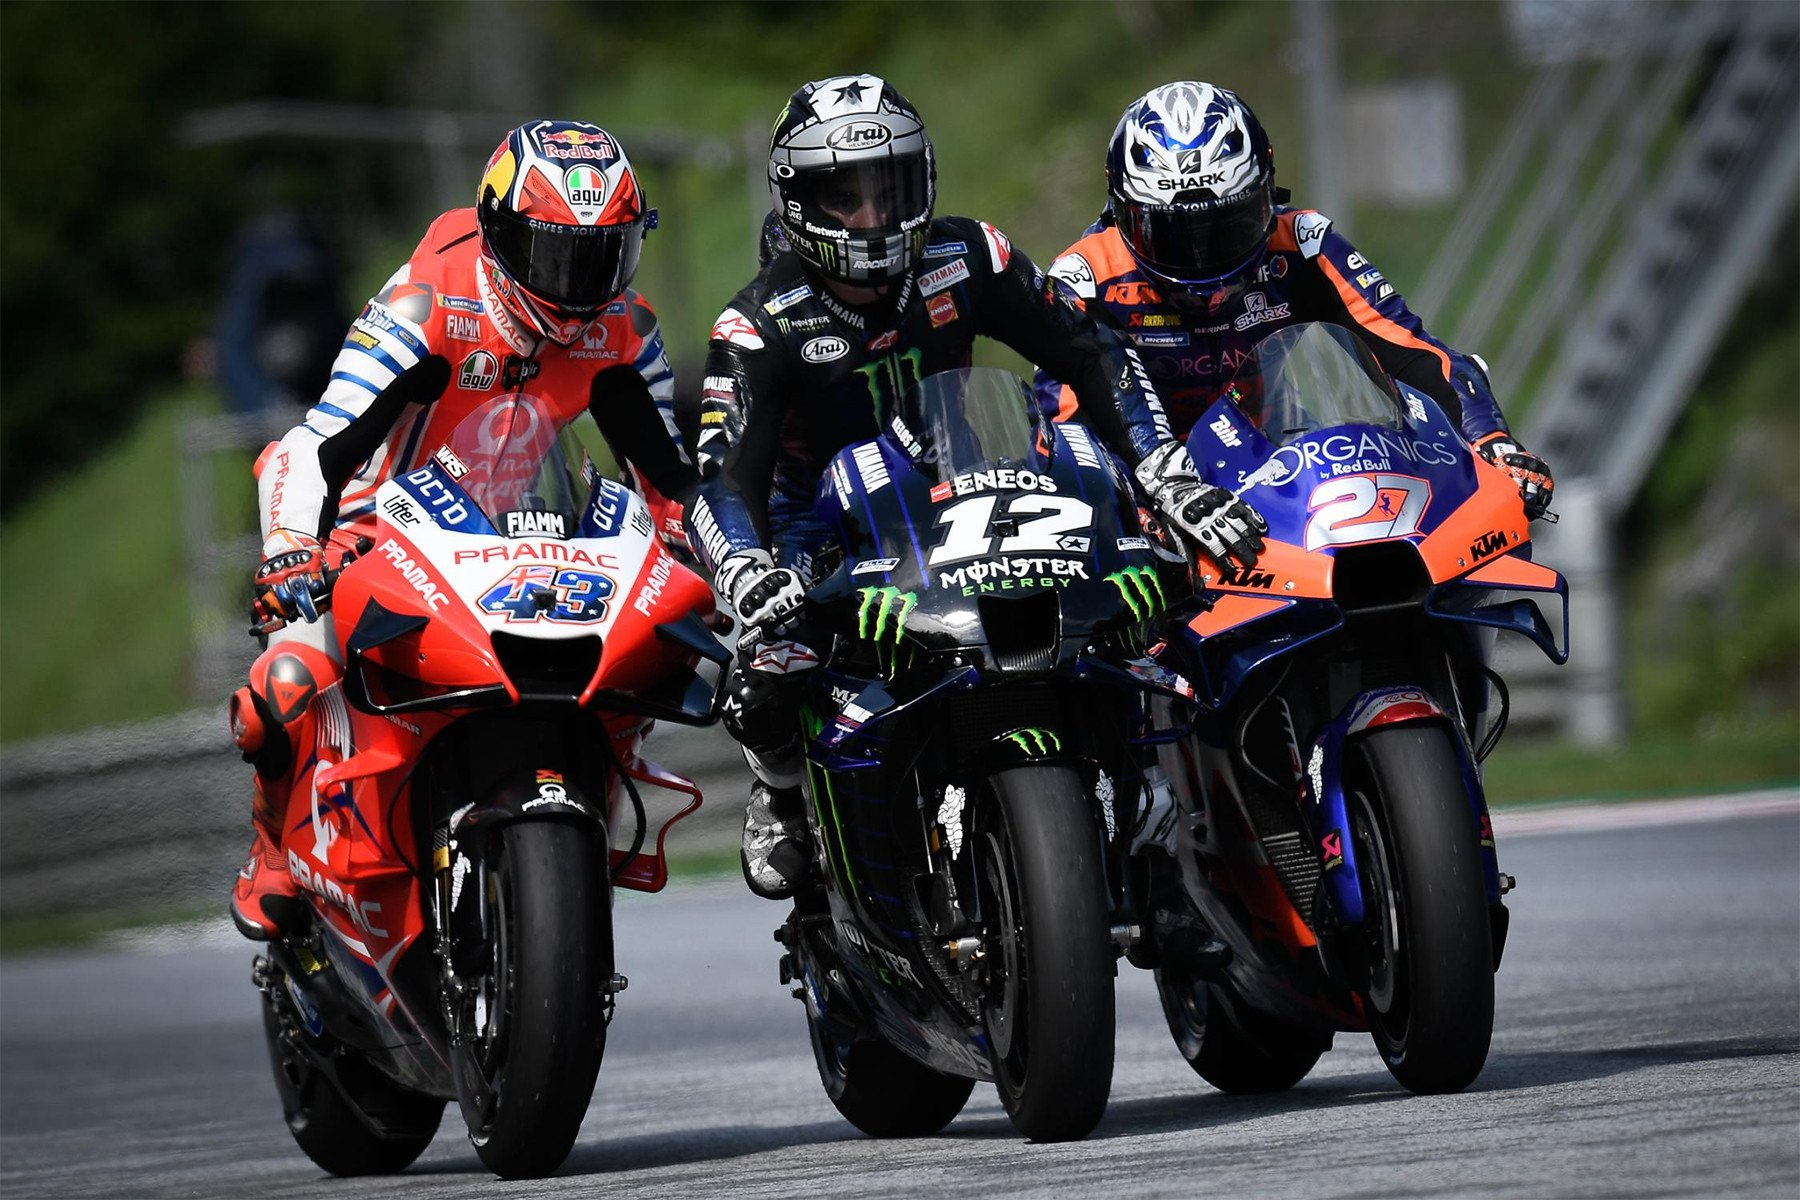 Lihat Starting Grid MotoGP Austria dan 5 Fakta Spesial Jelang Balapan - JPNN.com